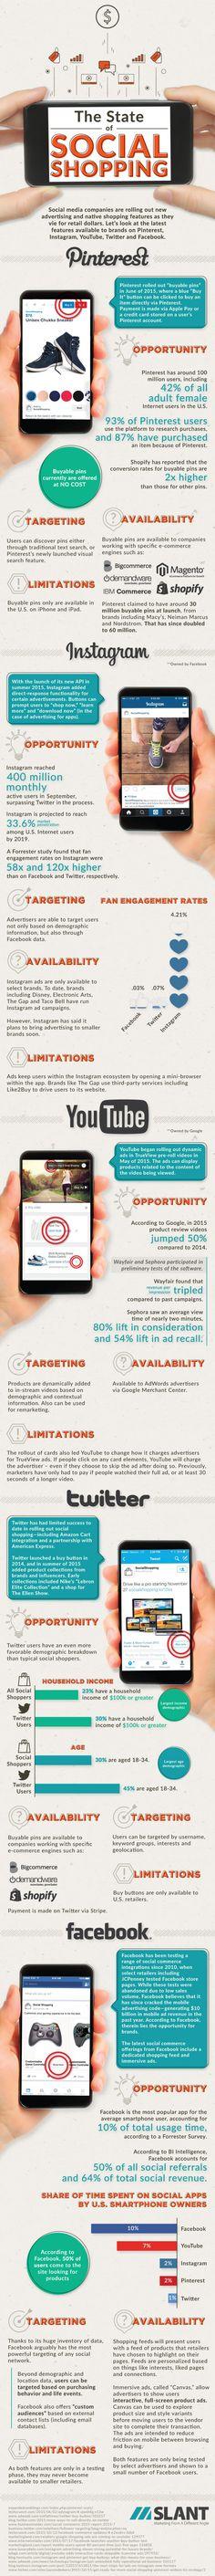 #Ecommerce + Social Media = Social Commerce [Infographic]  #socialcommerce